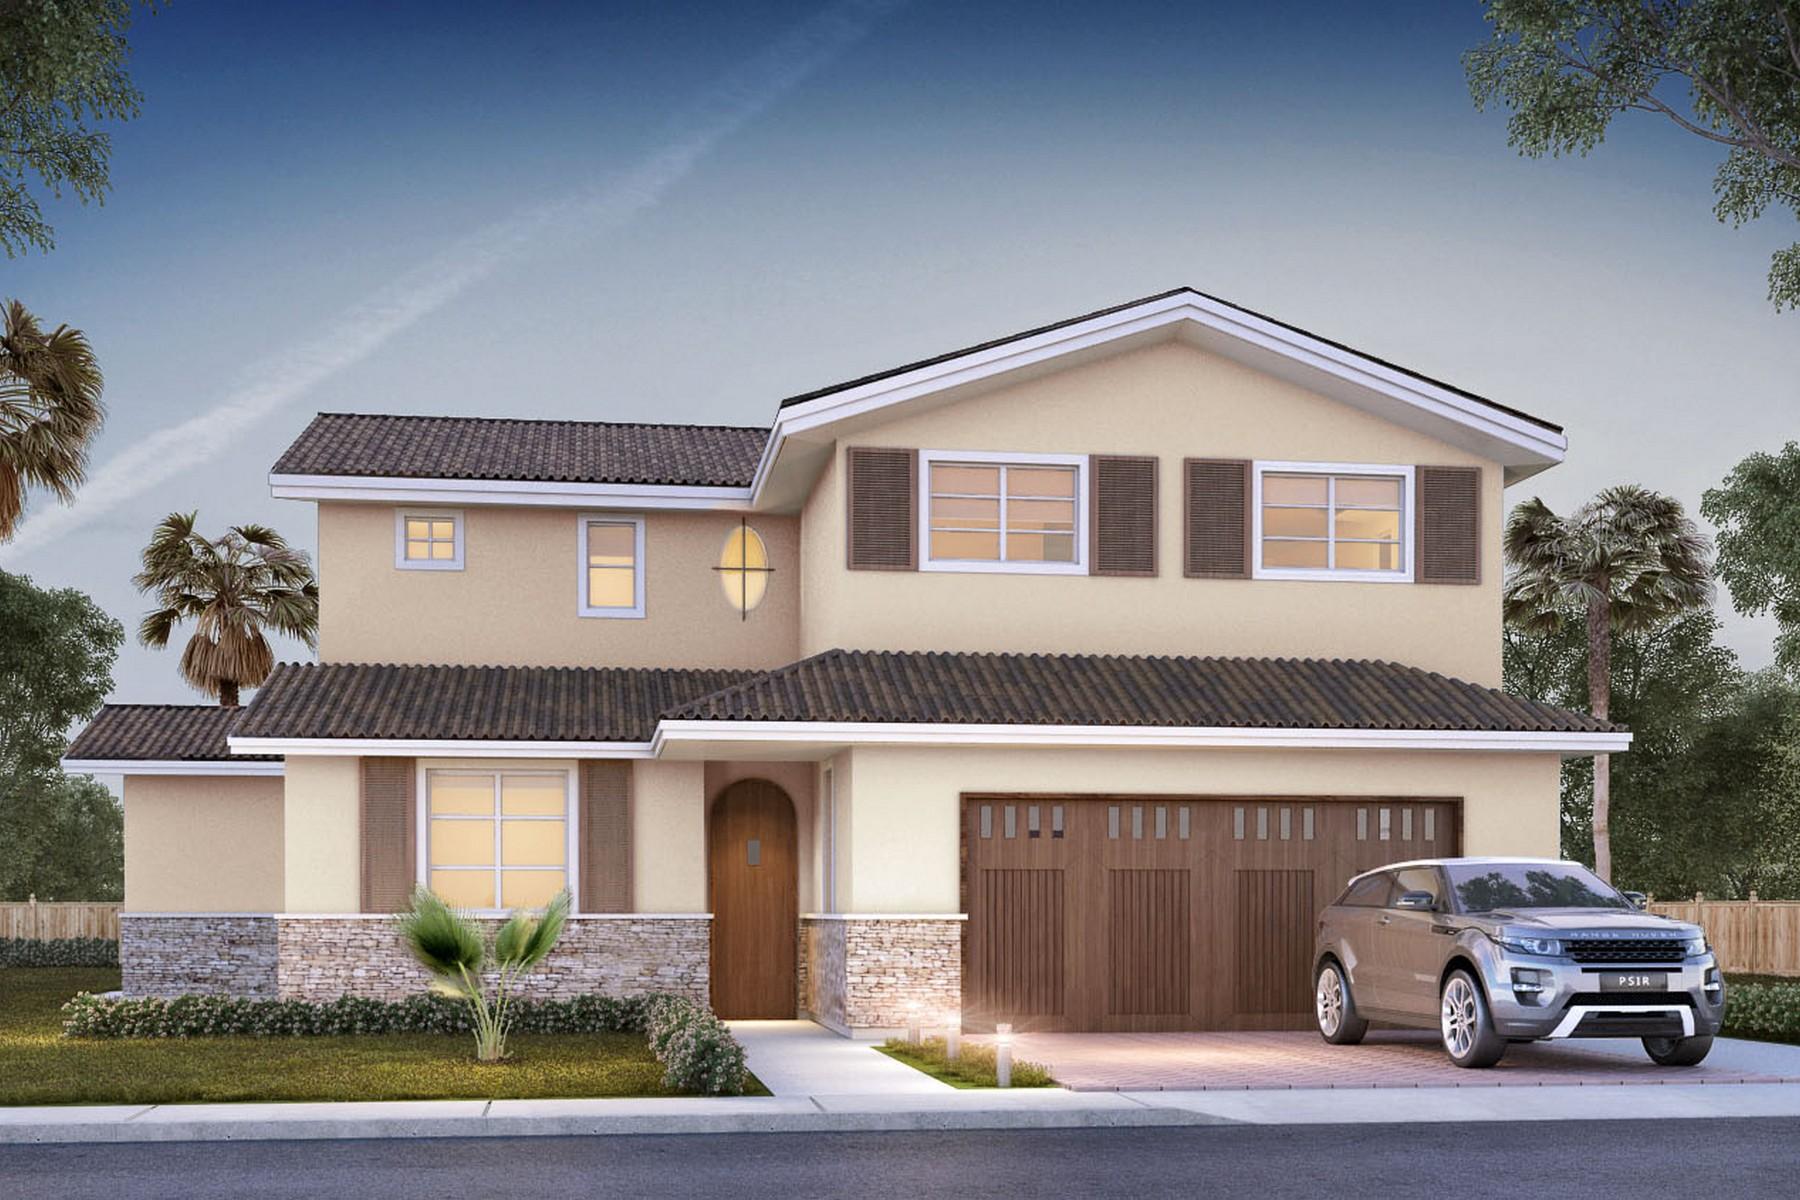 独户住宅 为 销售 在 913 Santo Way 加的夫, 92007 美国